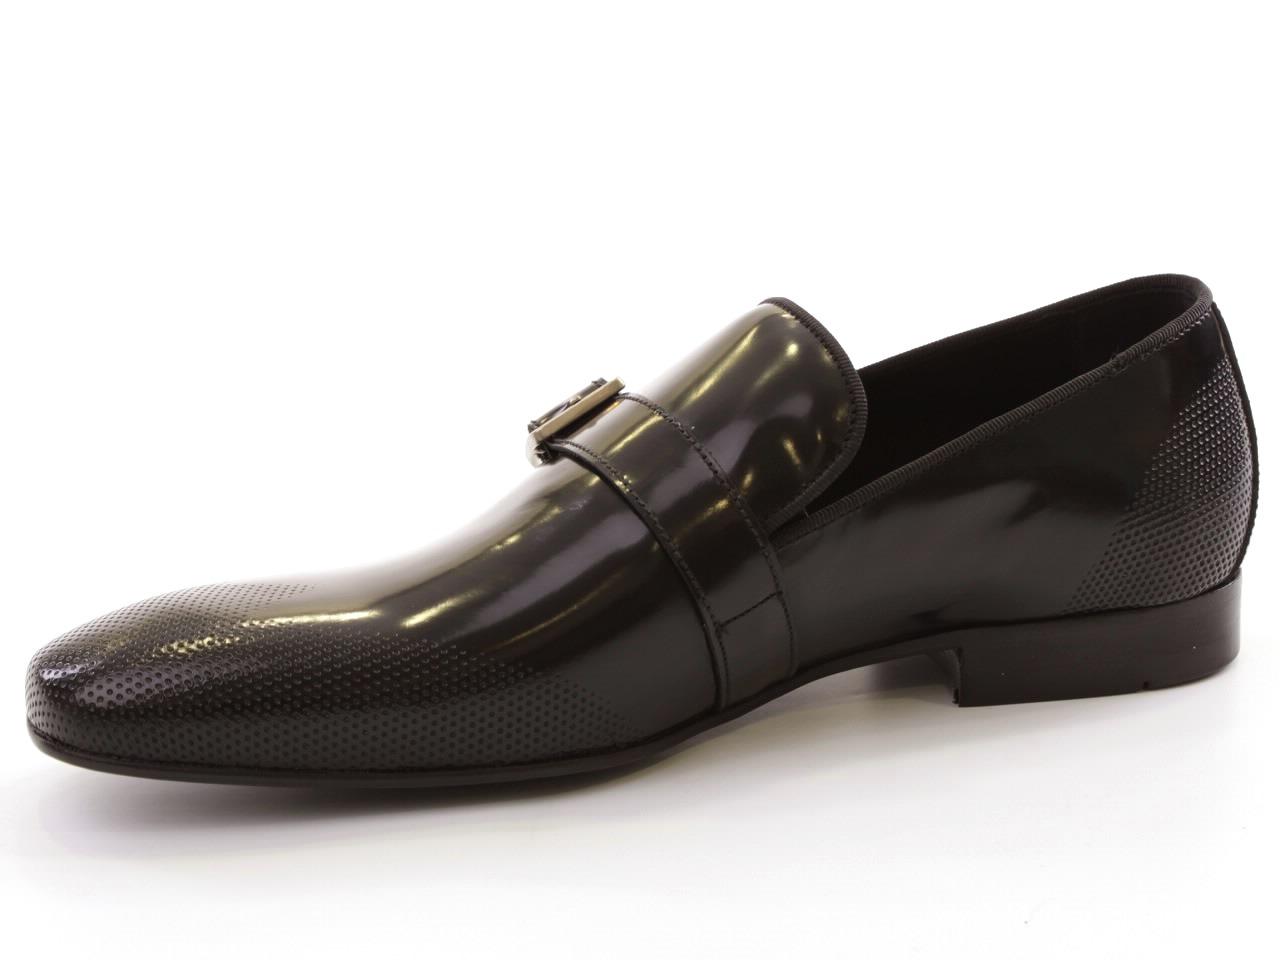 8f82d689d Sapatos Pala e Fivela Miguel Vieira - 233 MV4363 | Loja Glispe